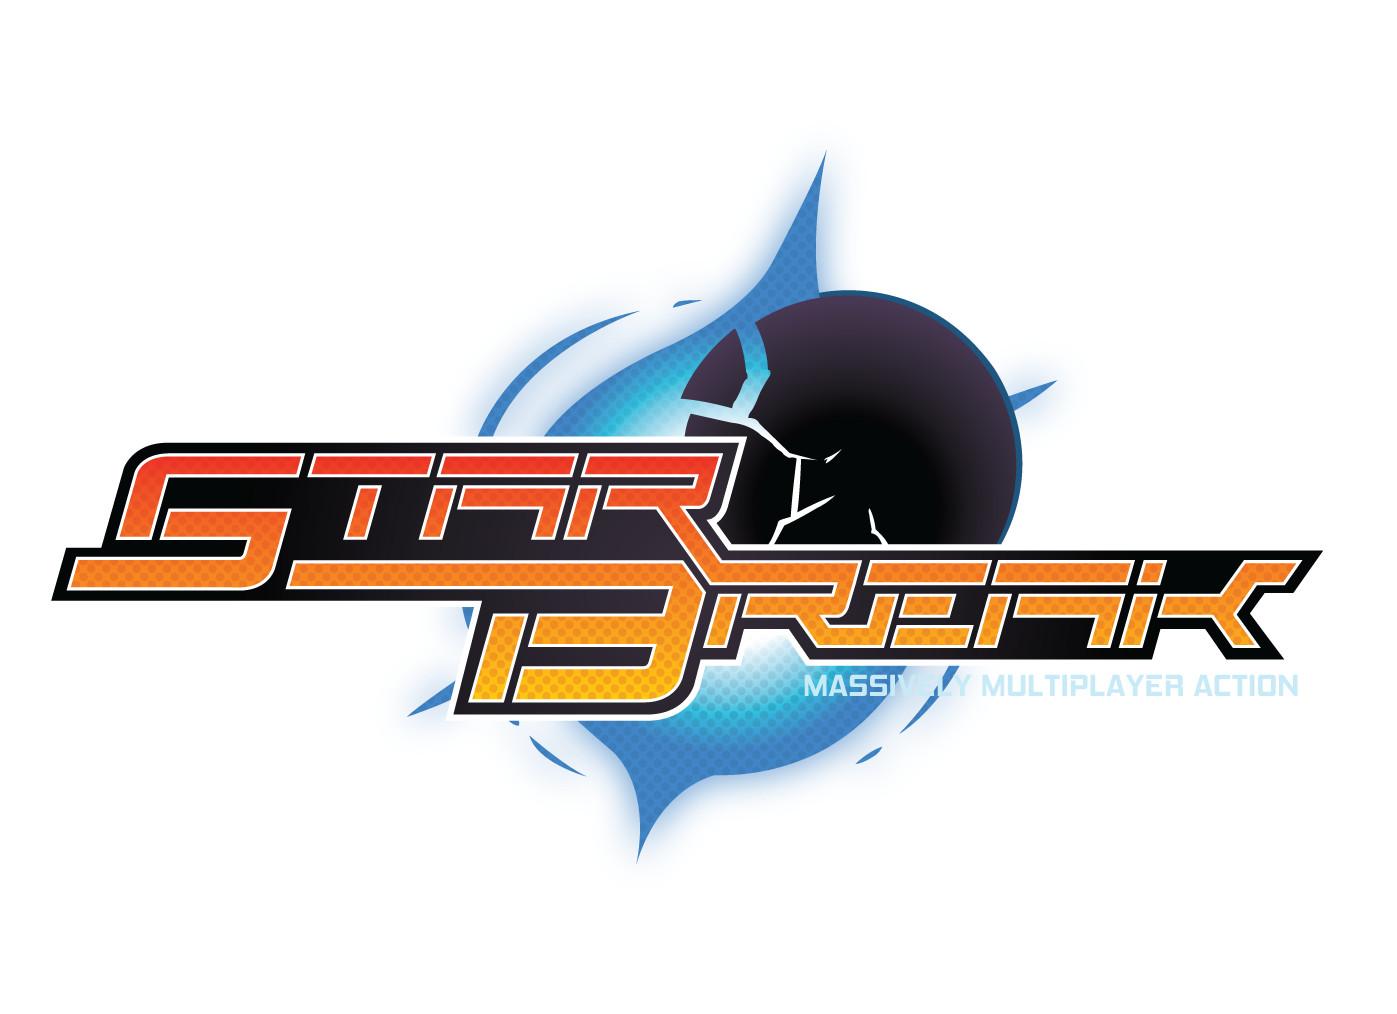 Stephen hetrick starbreak logo final